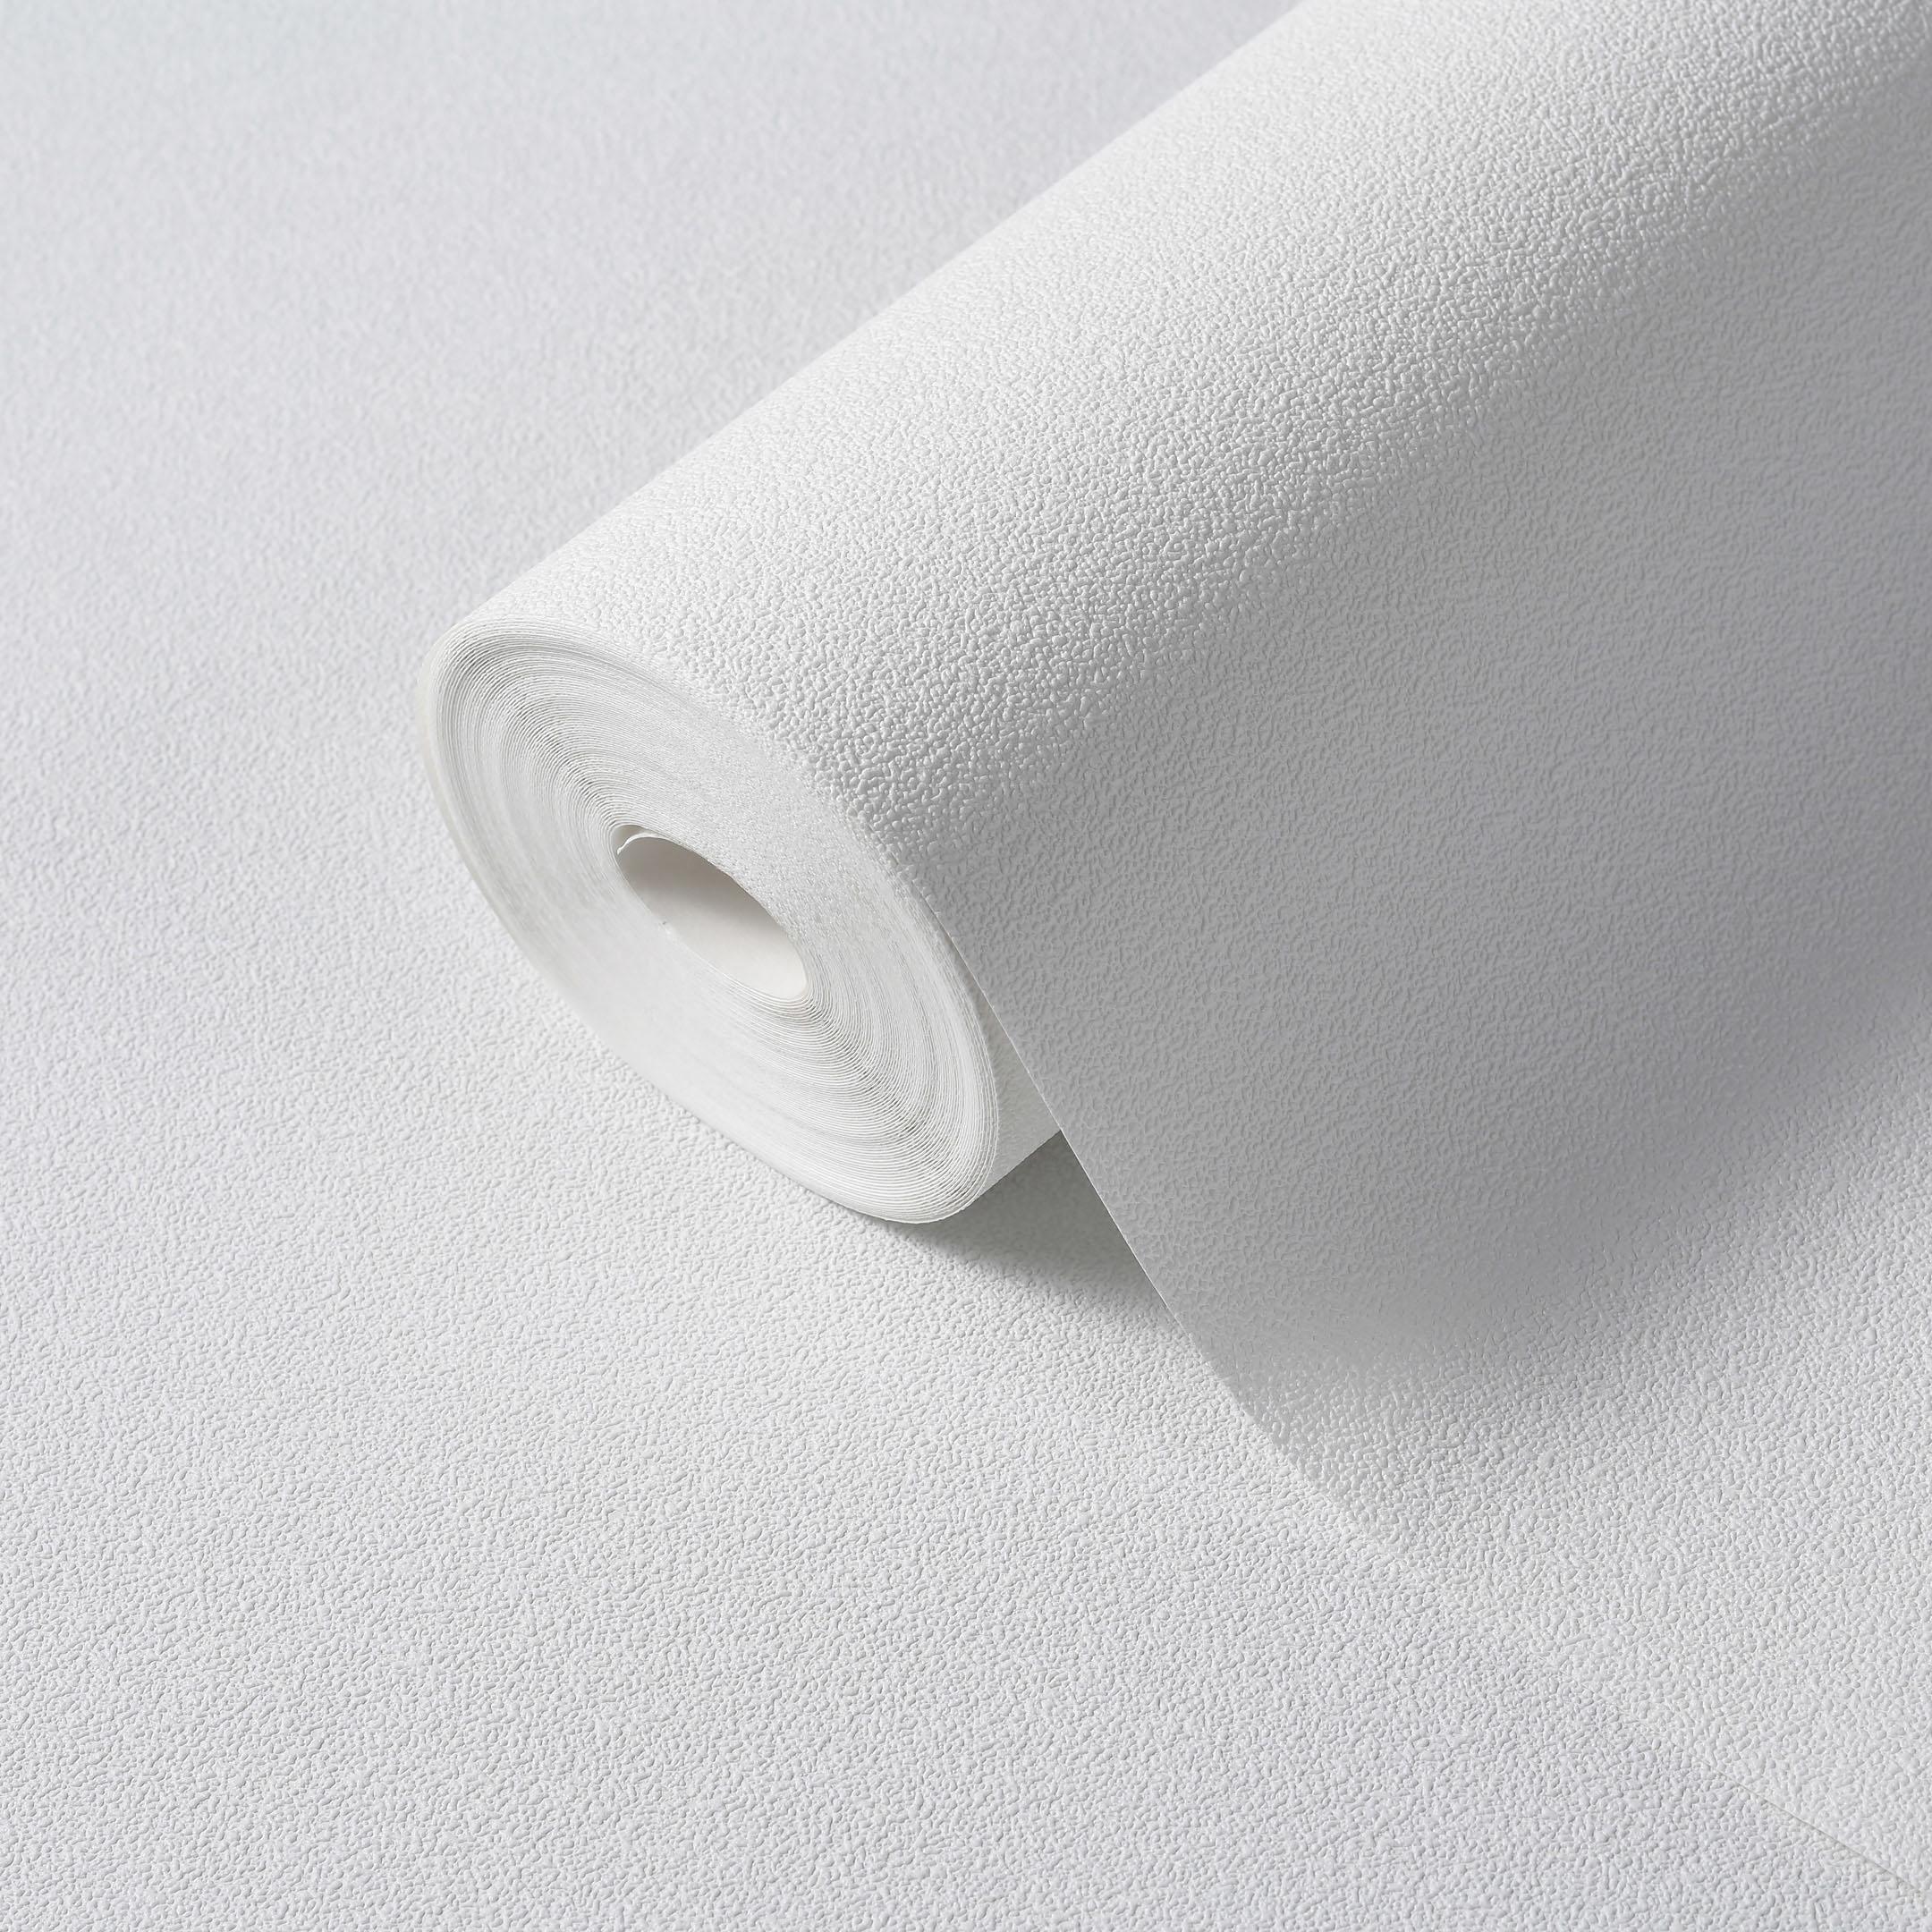 Обои под покраску виниловые на флизелиновой основе фактурные МИР 25-007 (1,06х25 м) плотность 115 г/кв.м